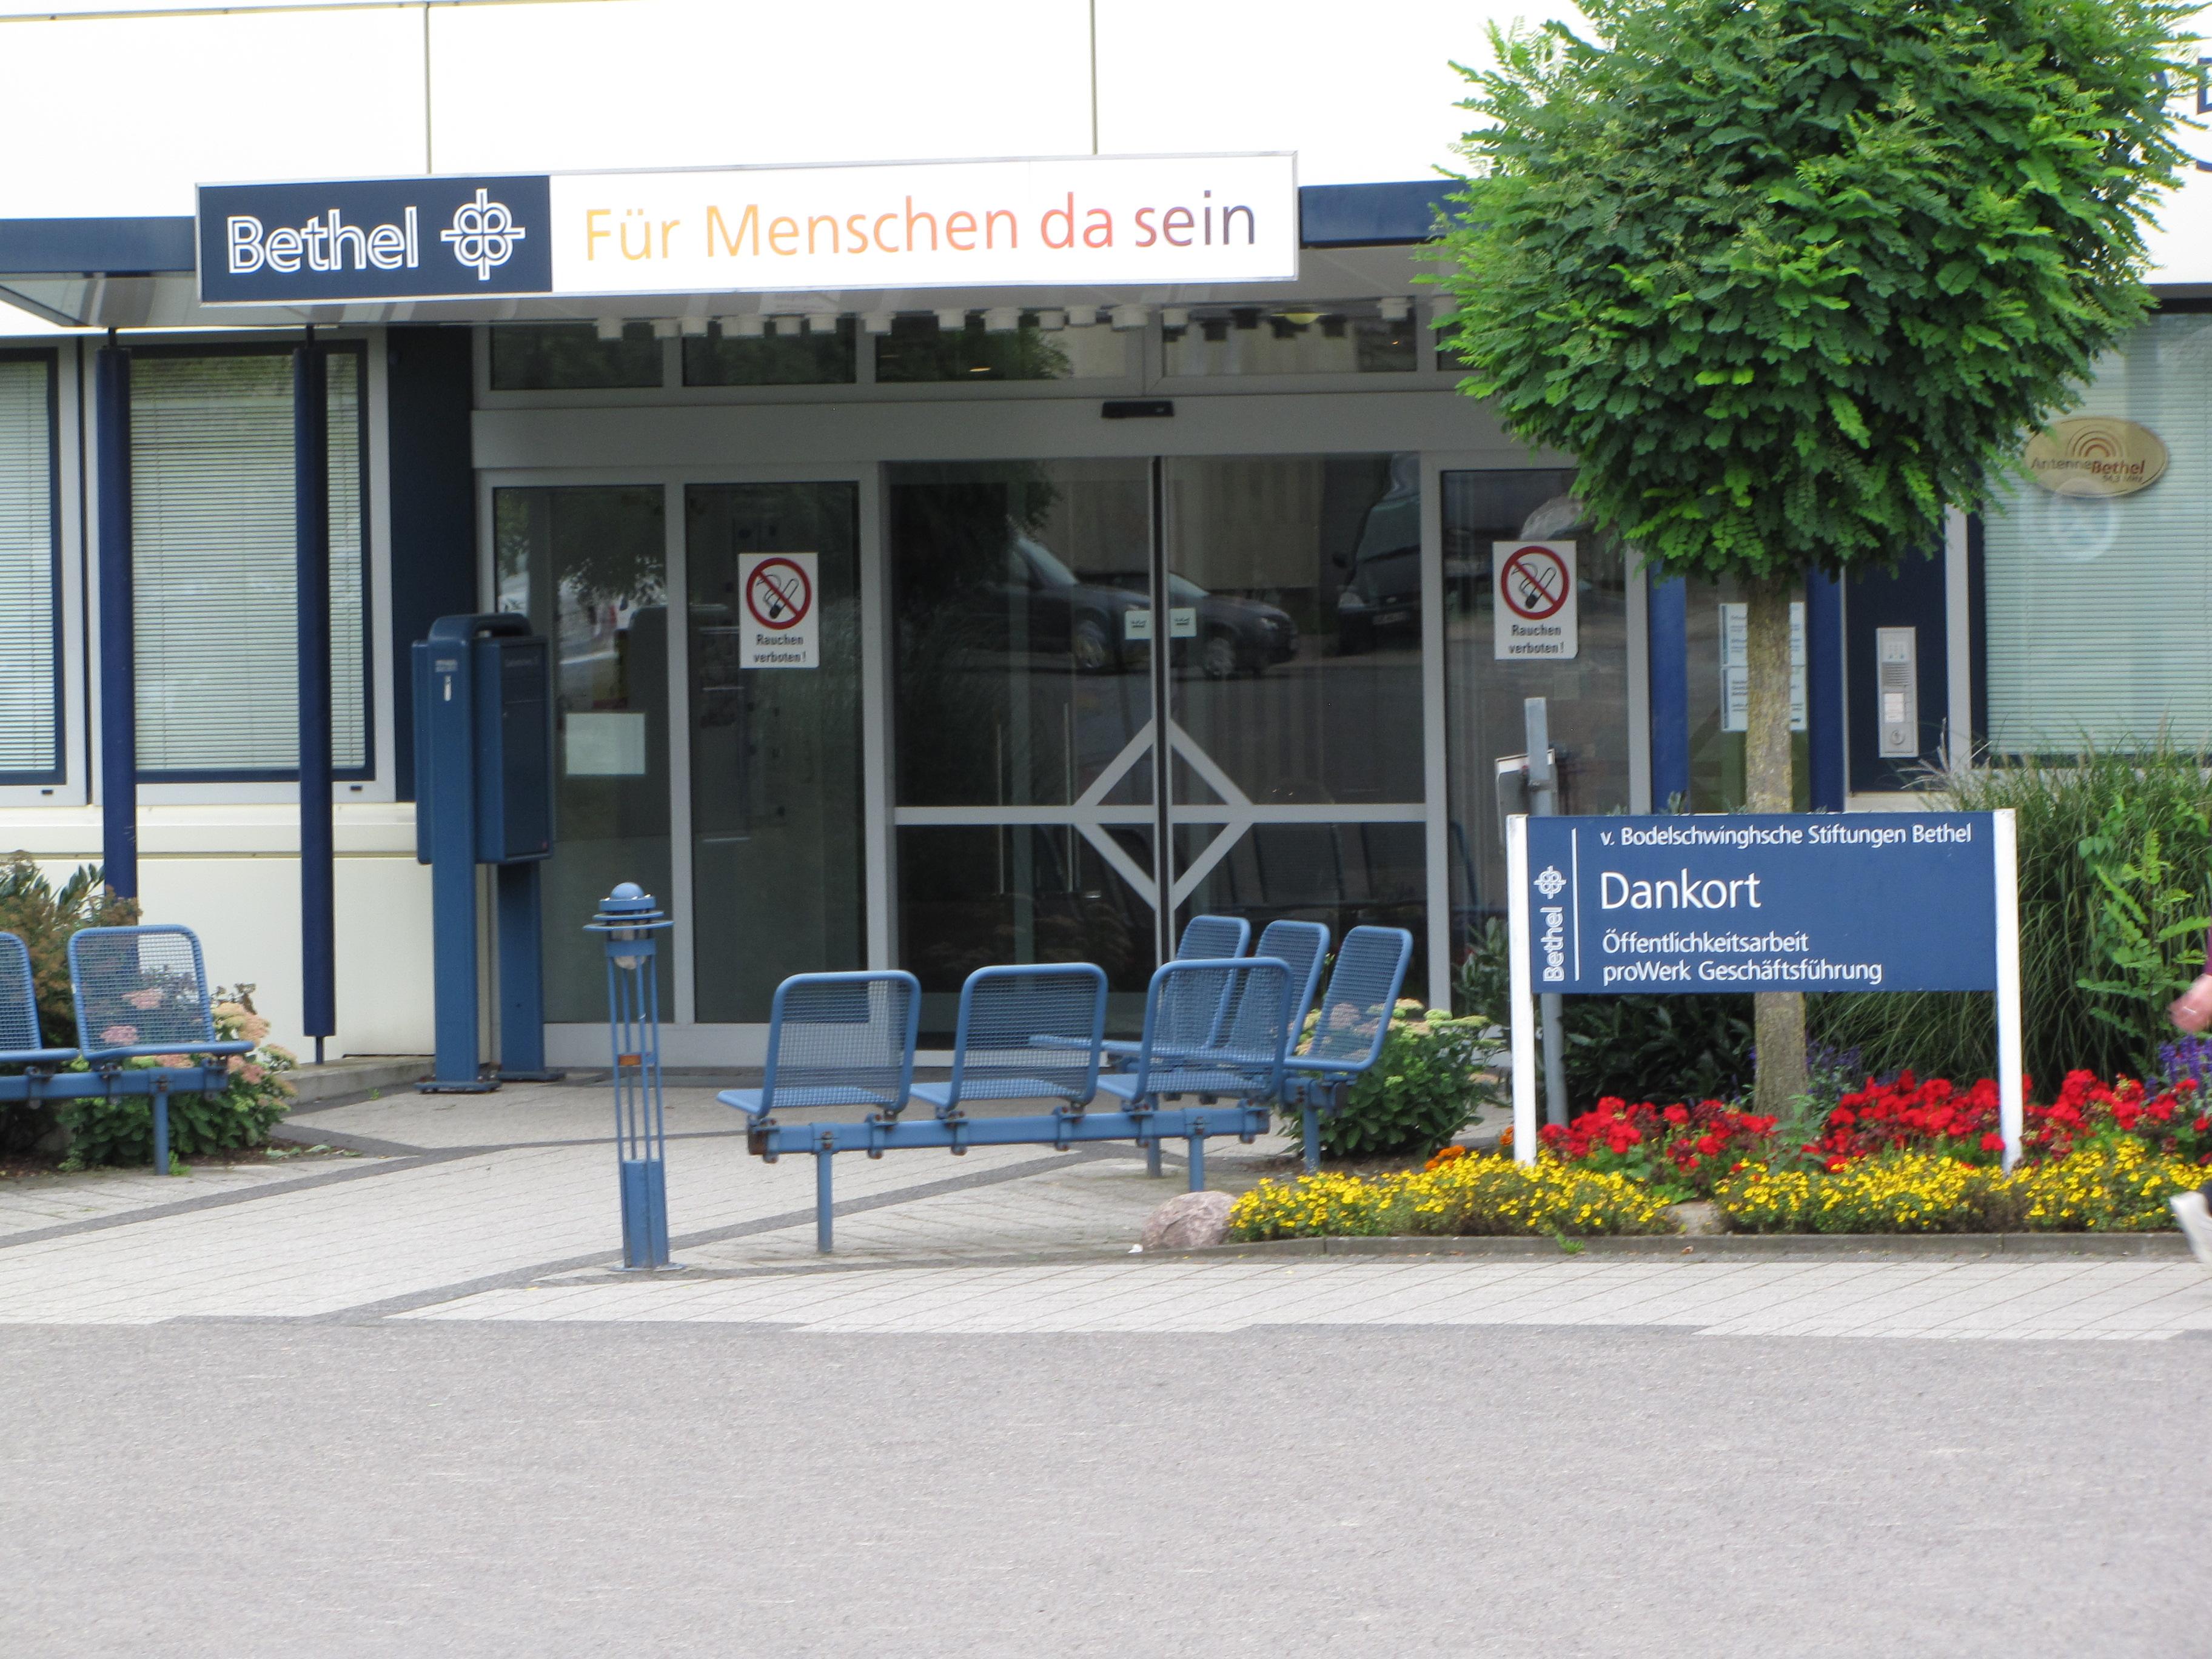 Bethel Bielefeld Bodelschwingsche Anstalten Bielefeld NRW (9)